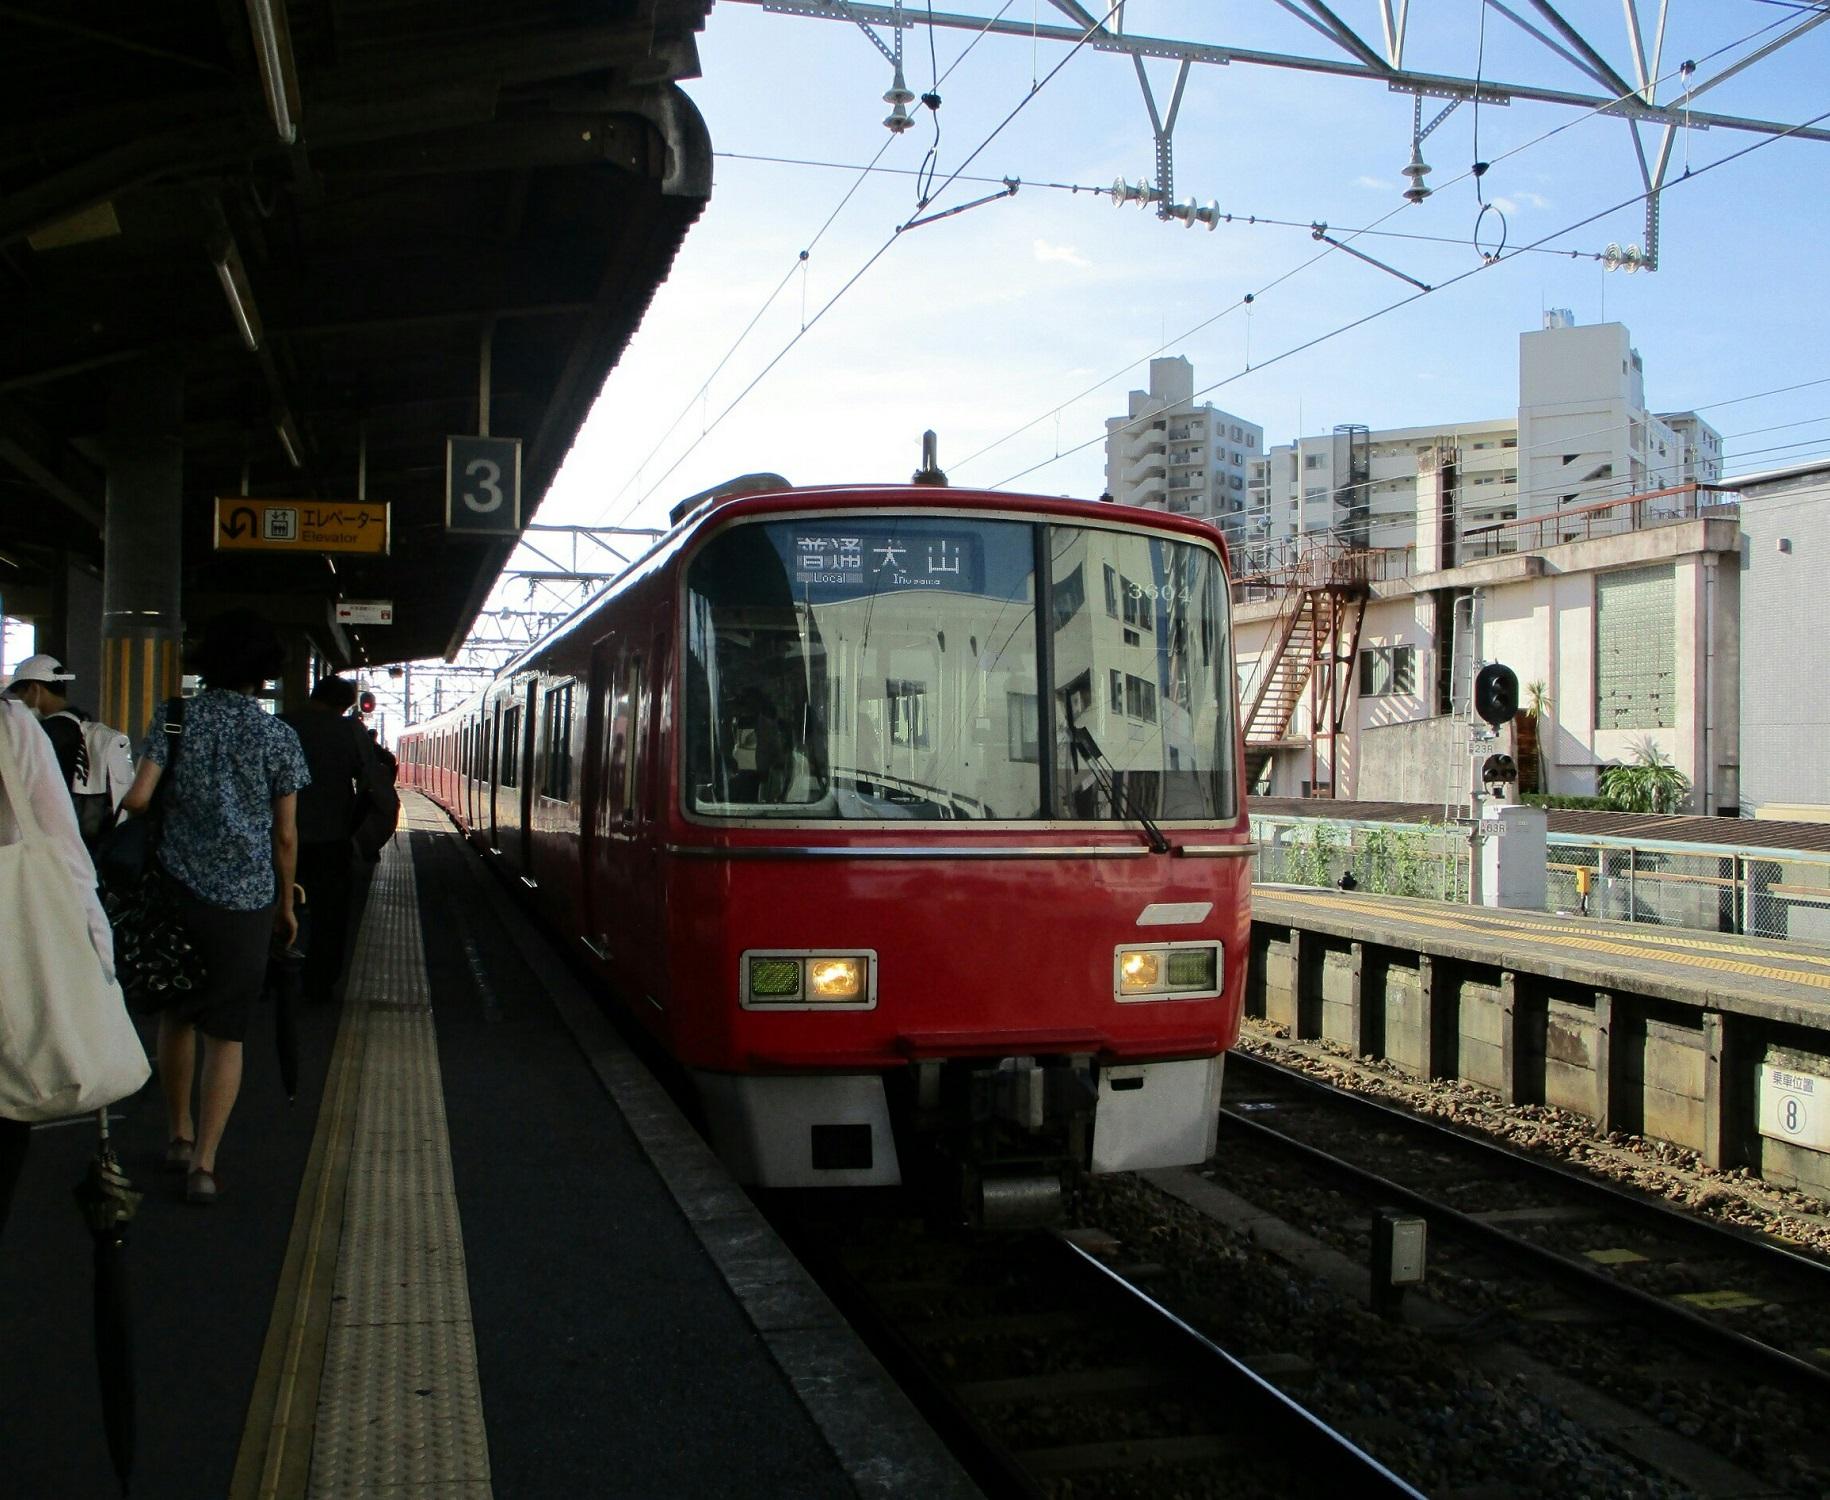 2018.8.25 (2) しんあんじょう - 犬山いきふつう(まえ) 1830-1500